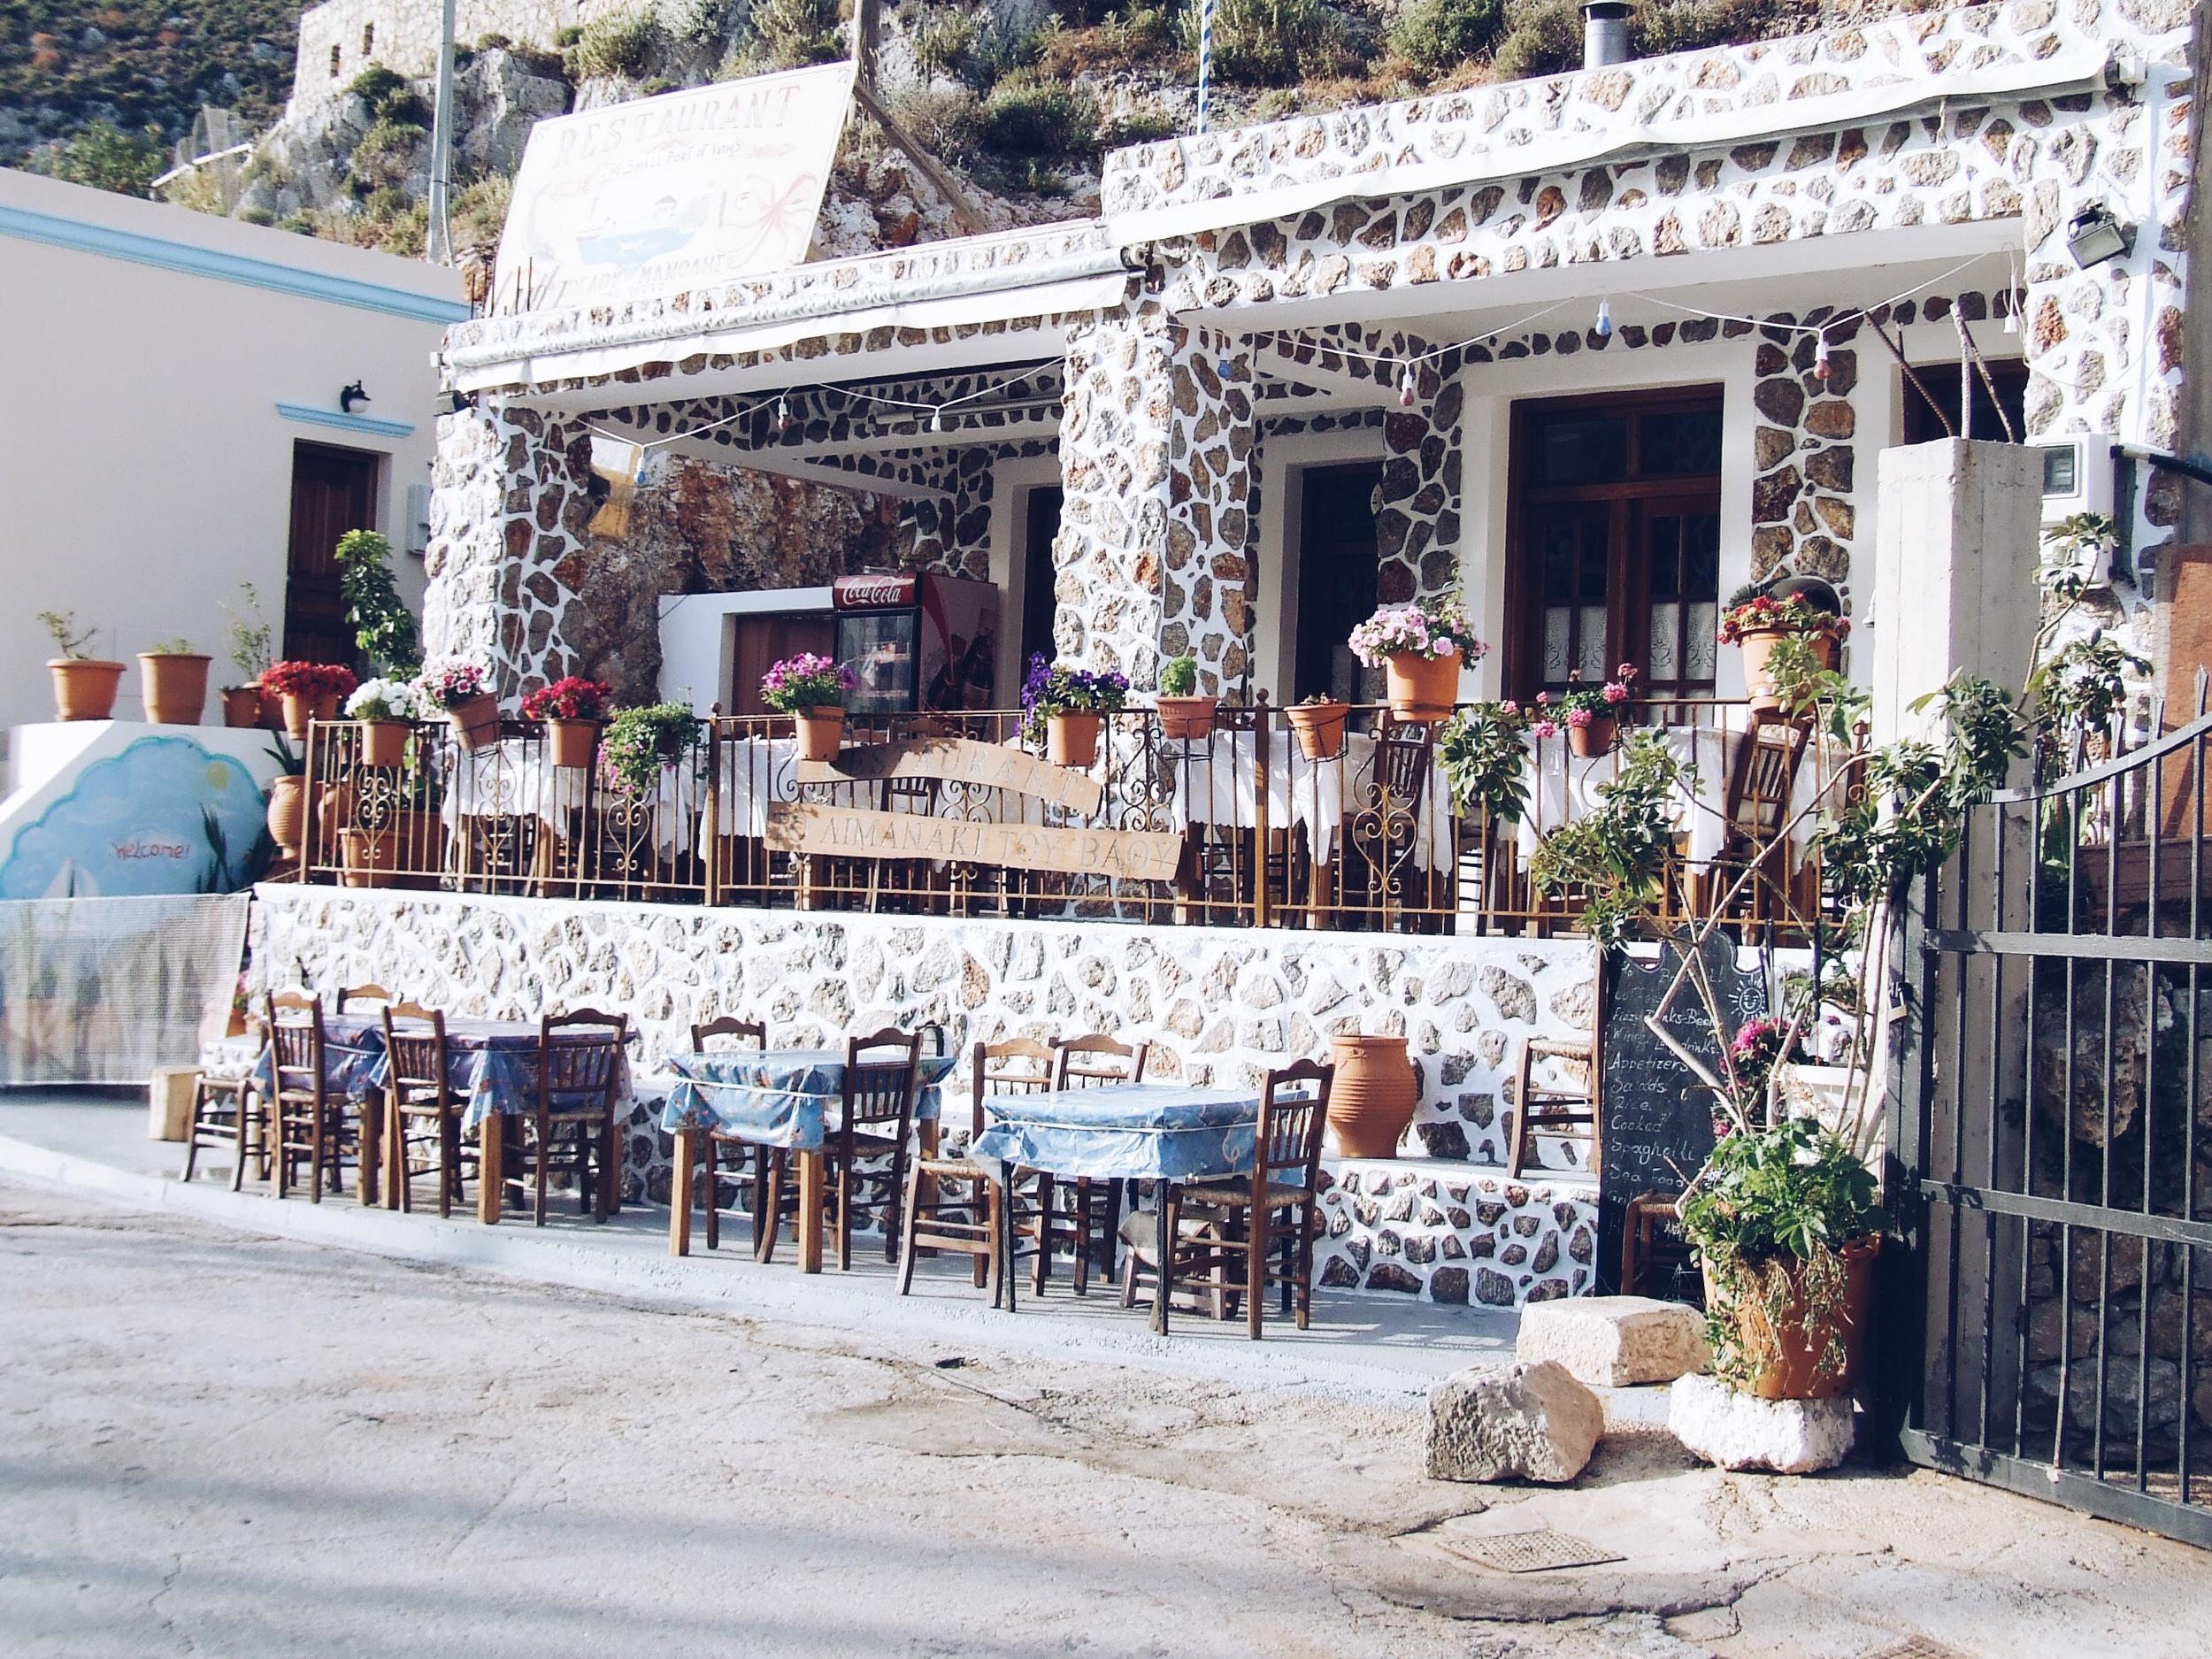 Small family run taverna in Vathy, Greece